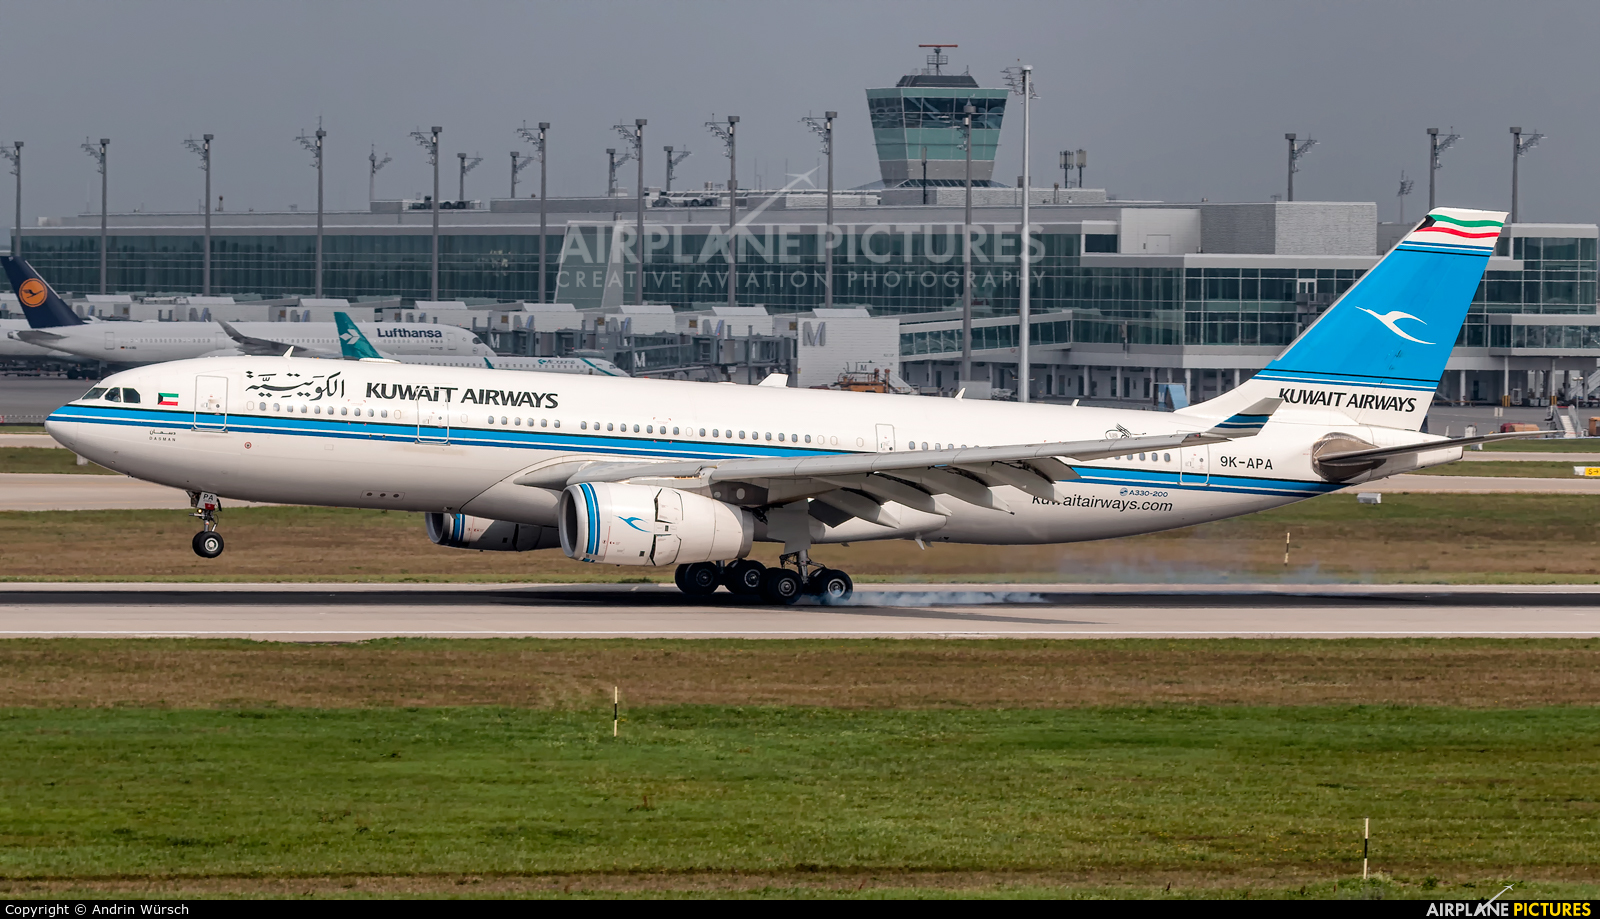 Kuwait Airways 9K-APA aircraft at Munich